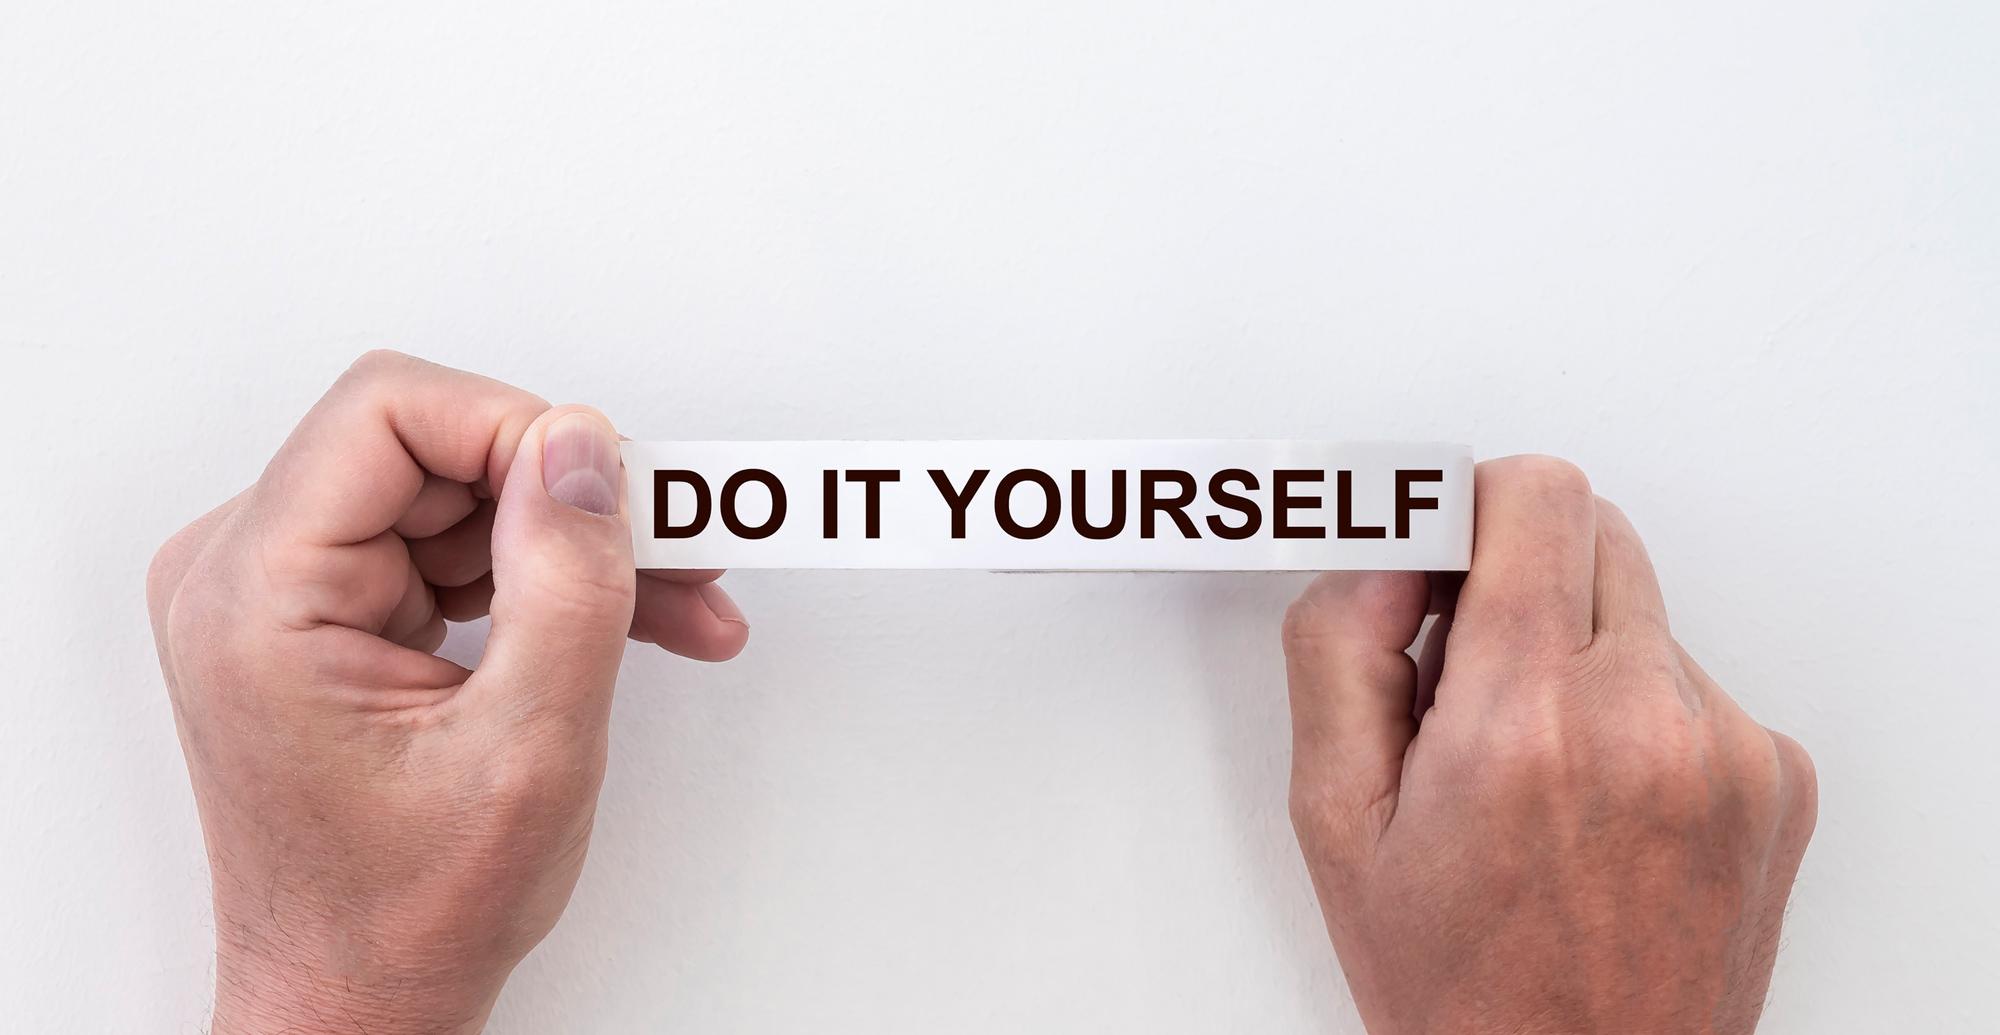 Do it yourself - iStock image